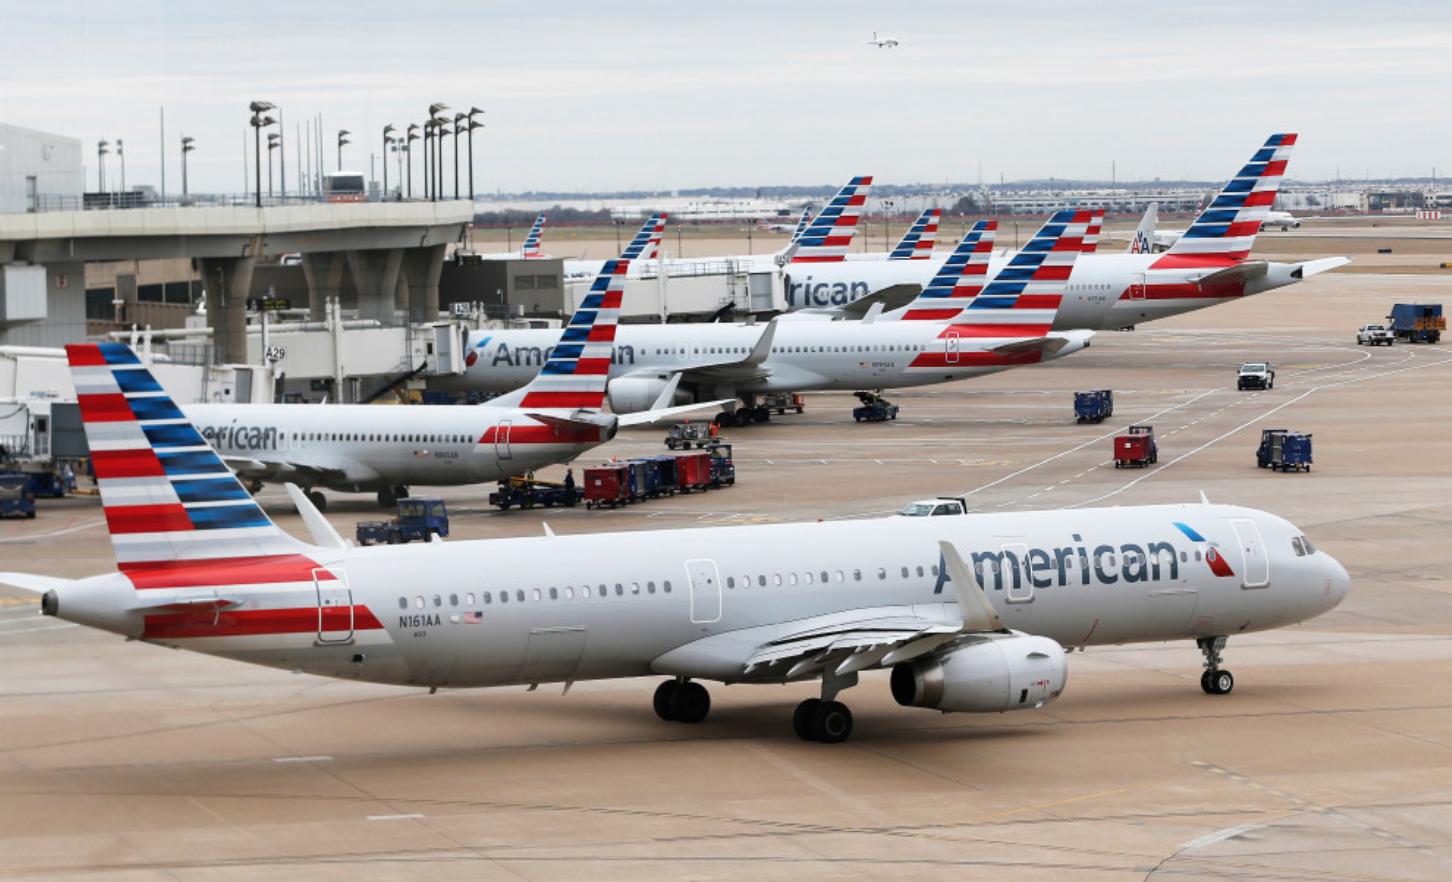 Ramai Pilot Cuti Natal, 15 Ribu Penerbangan American Airlines Terancam Gagal